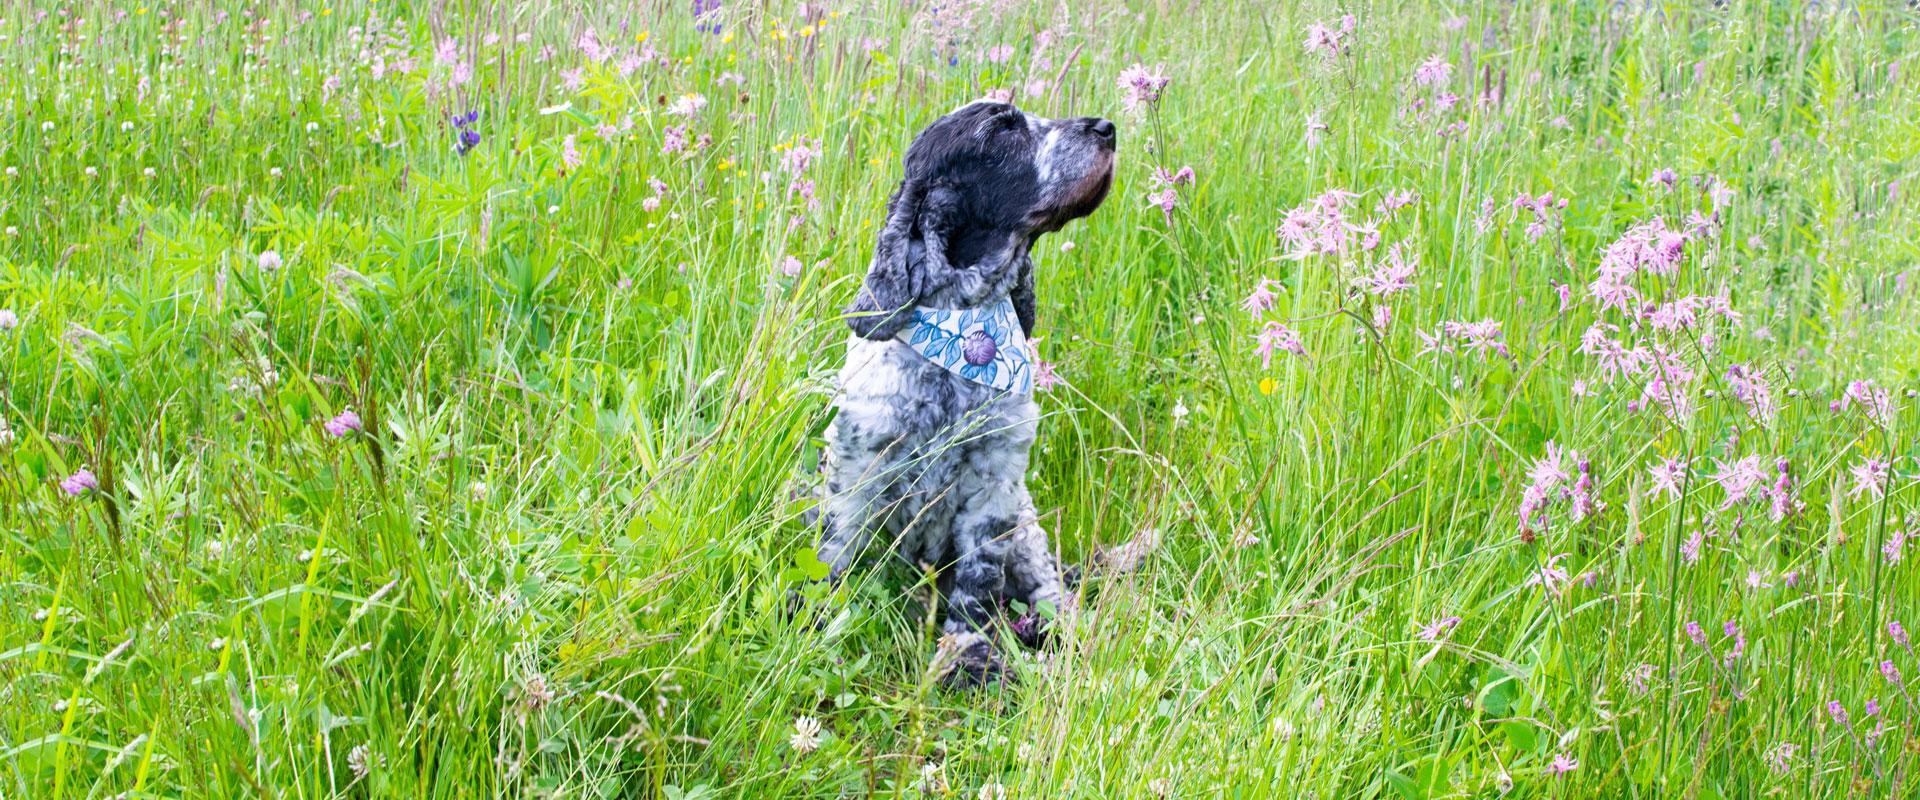 Gråspräcklig hund som blundar njutandes omgiven av högt gräs och lila blommor på äng.